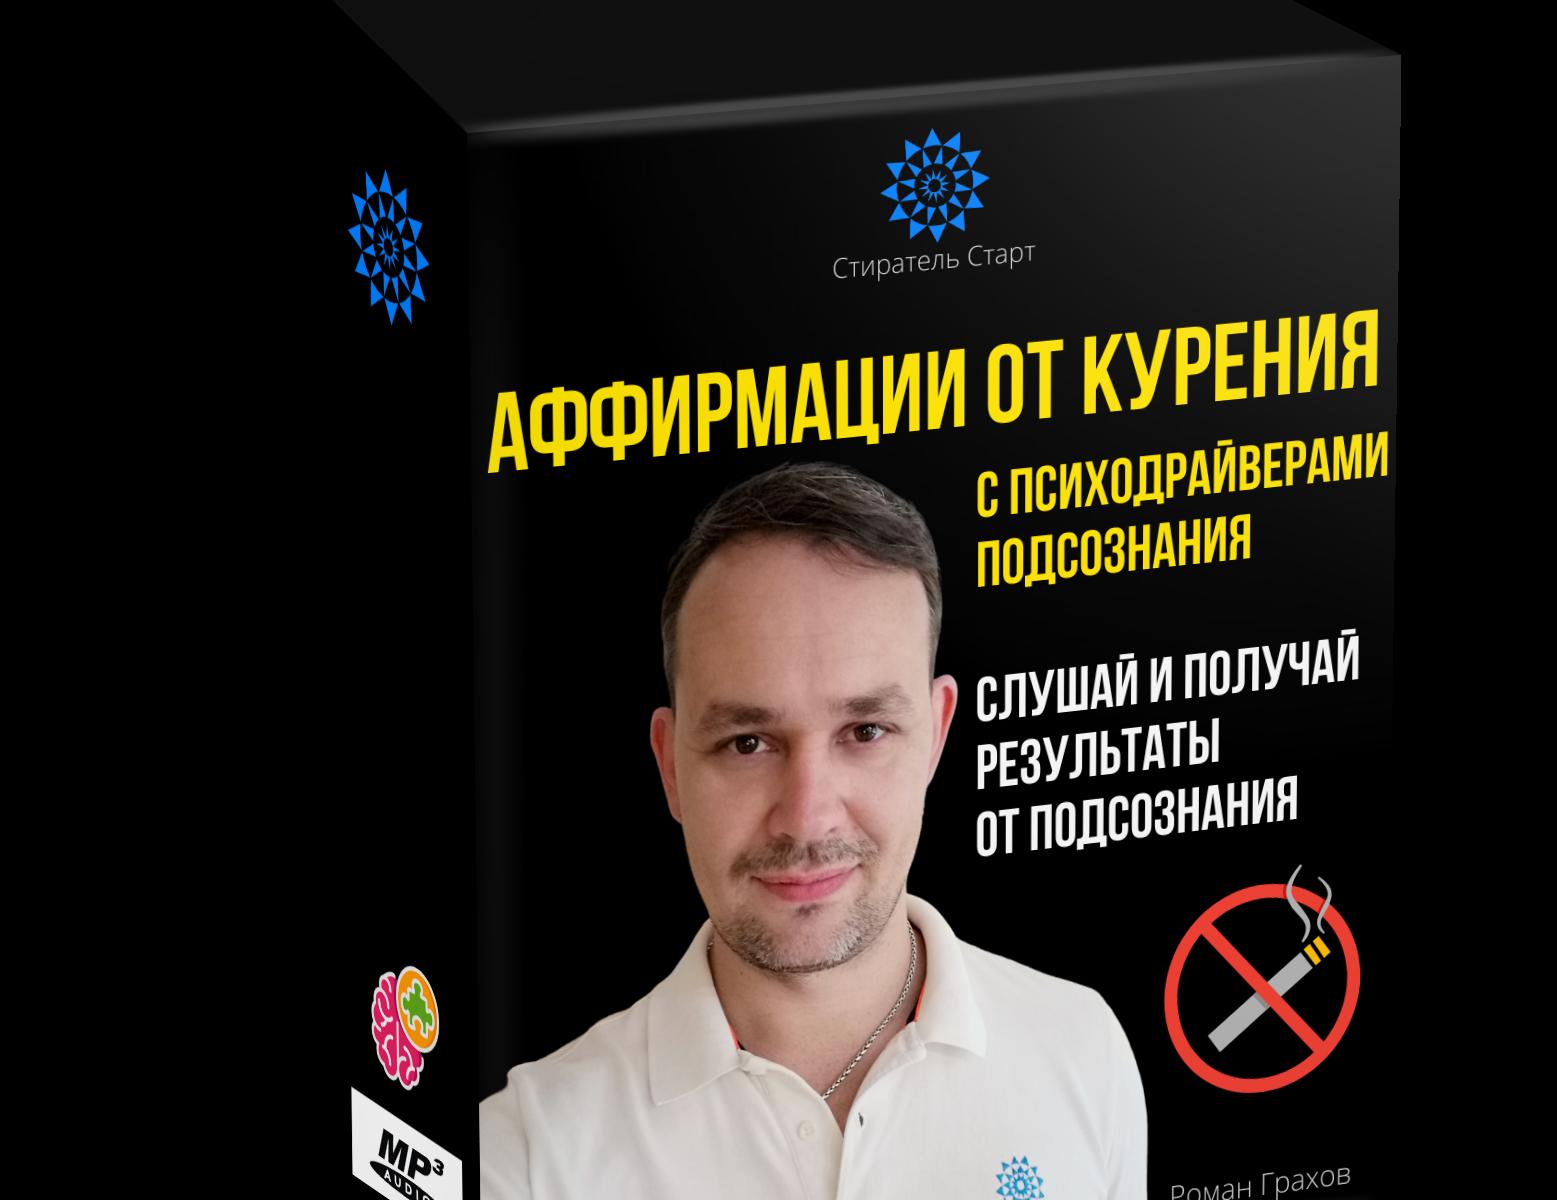 Аффирмации от курения сигарет на Активацию желания жить без дыма — MP3 версия